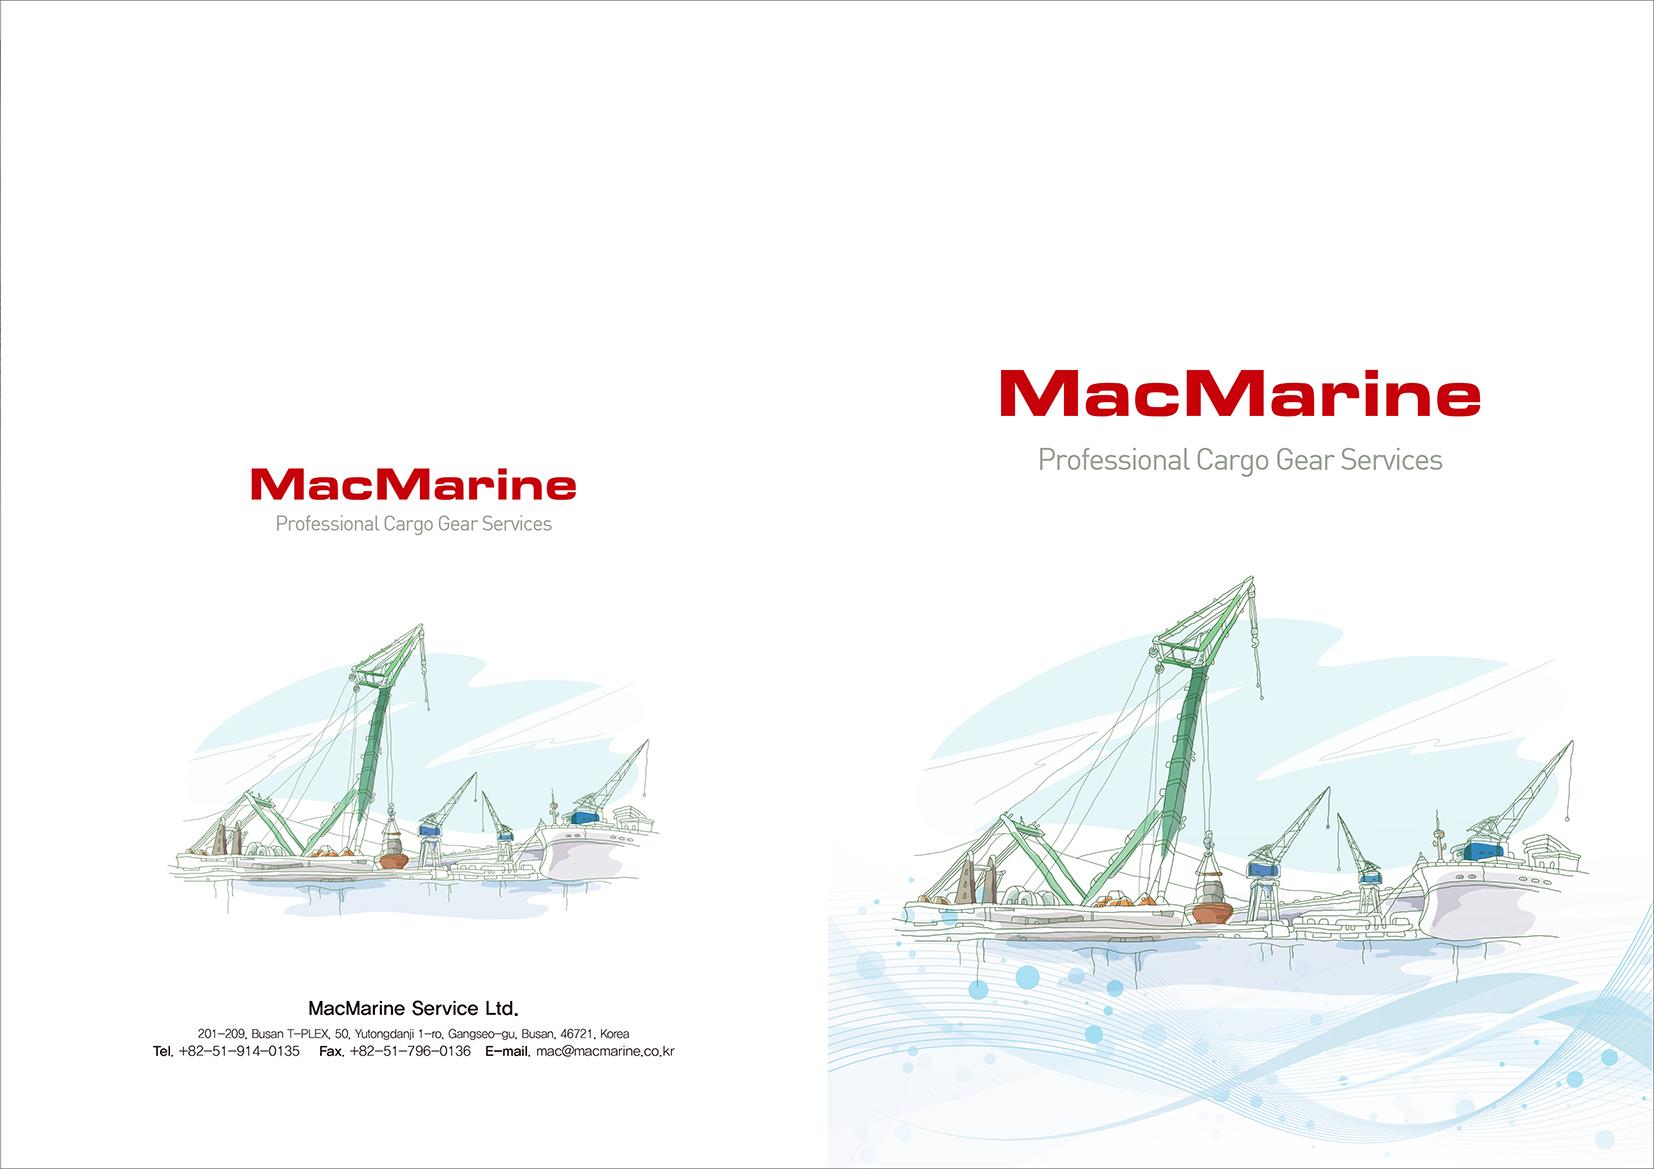 맥마린-3단접지최종-2.jpg